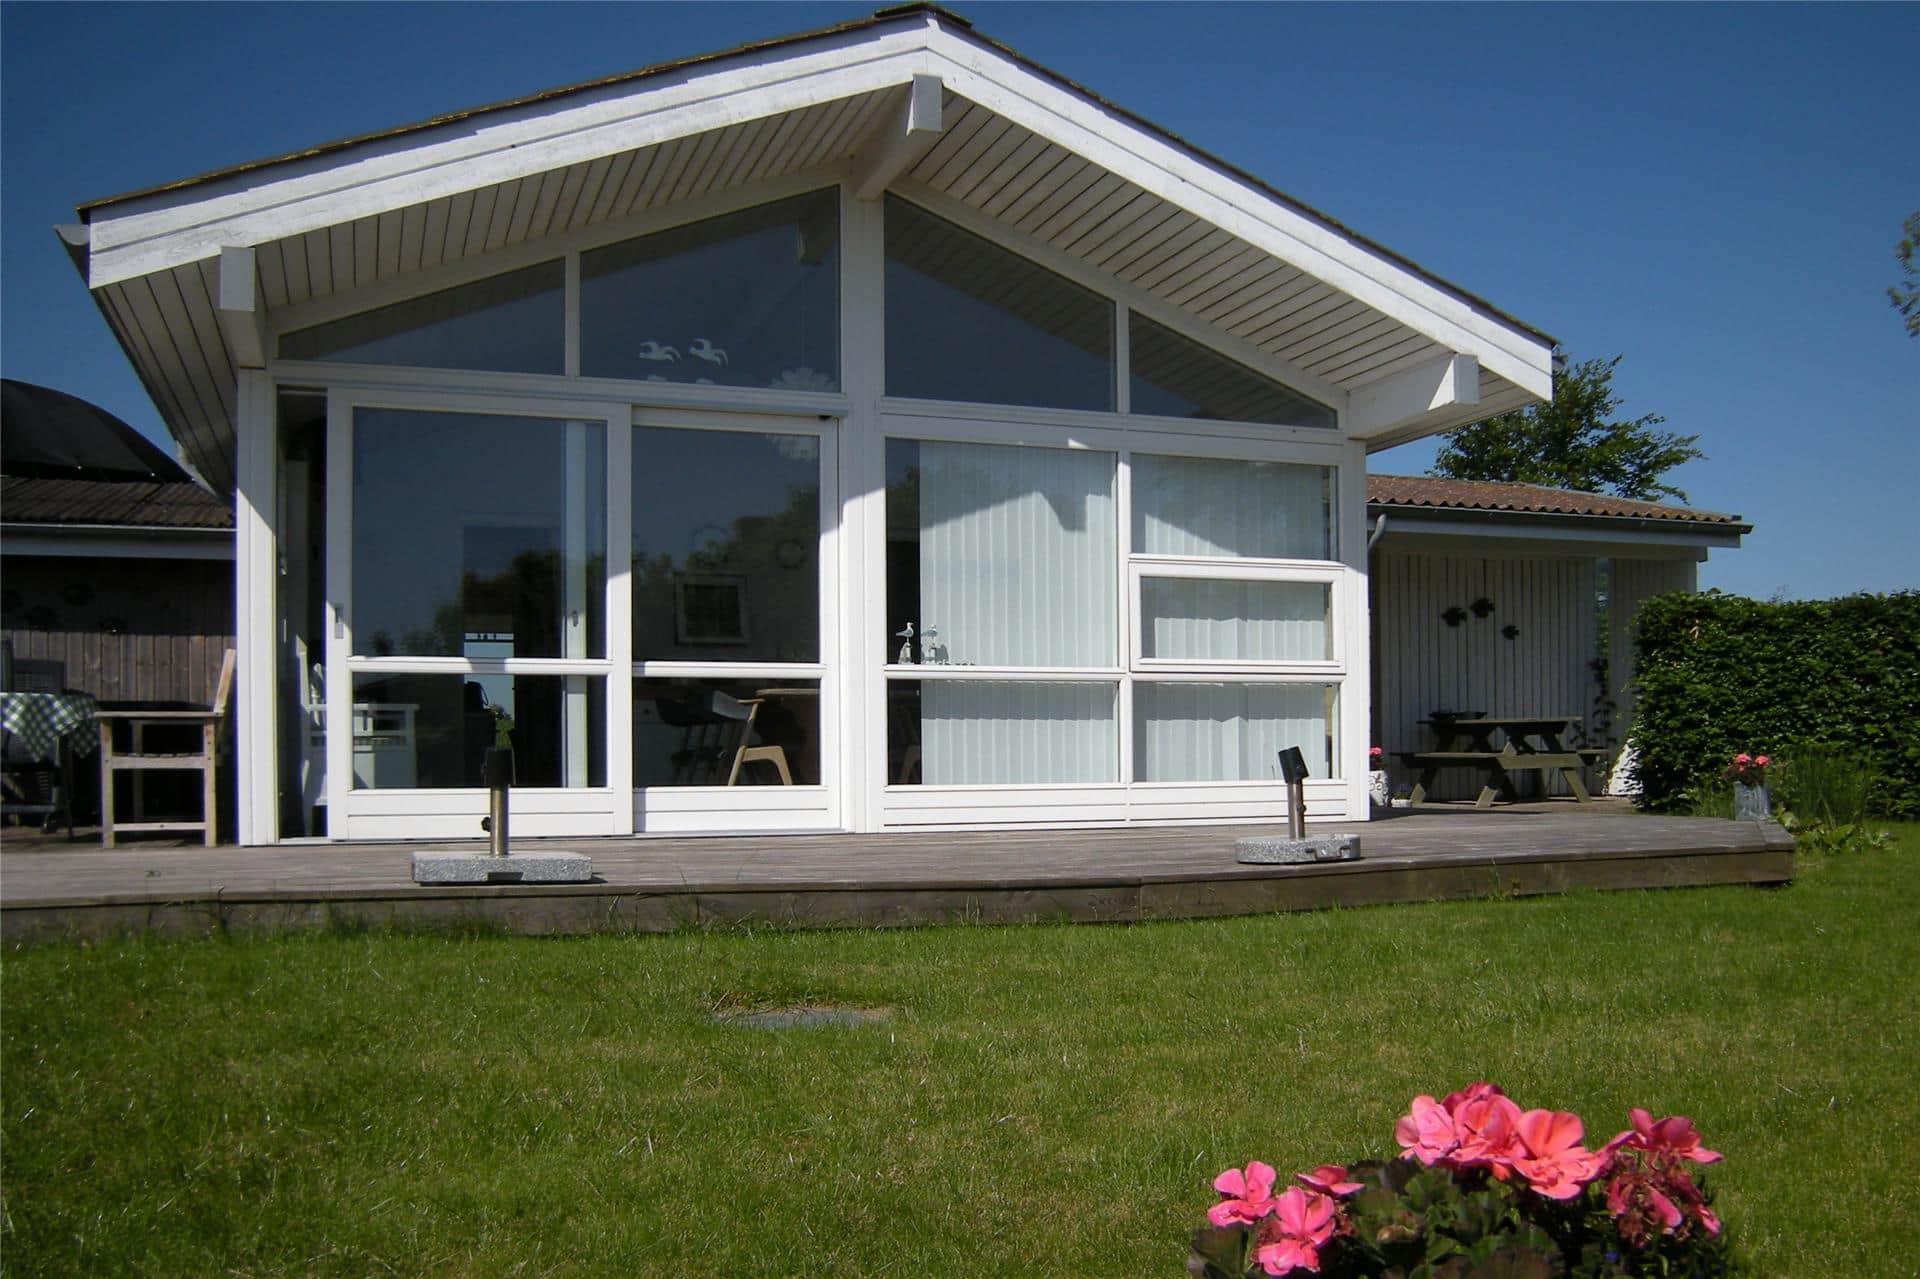 Image 1-3 Holiday-home M66371, Dinestrup Strand 1, DK - 5540 Ullerslev